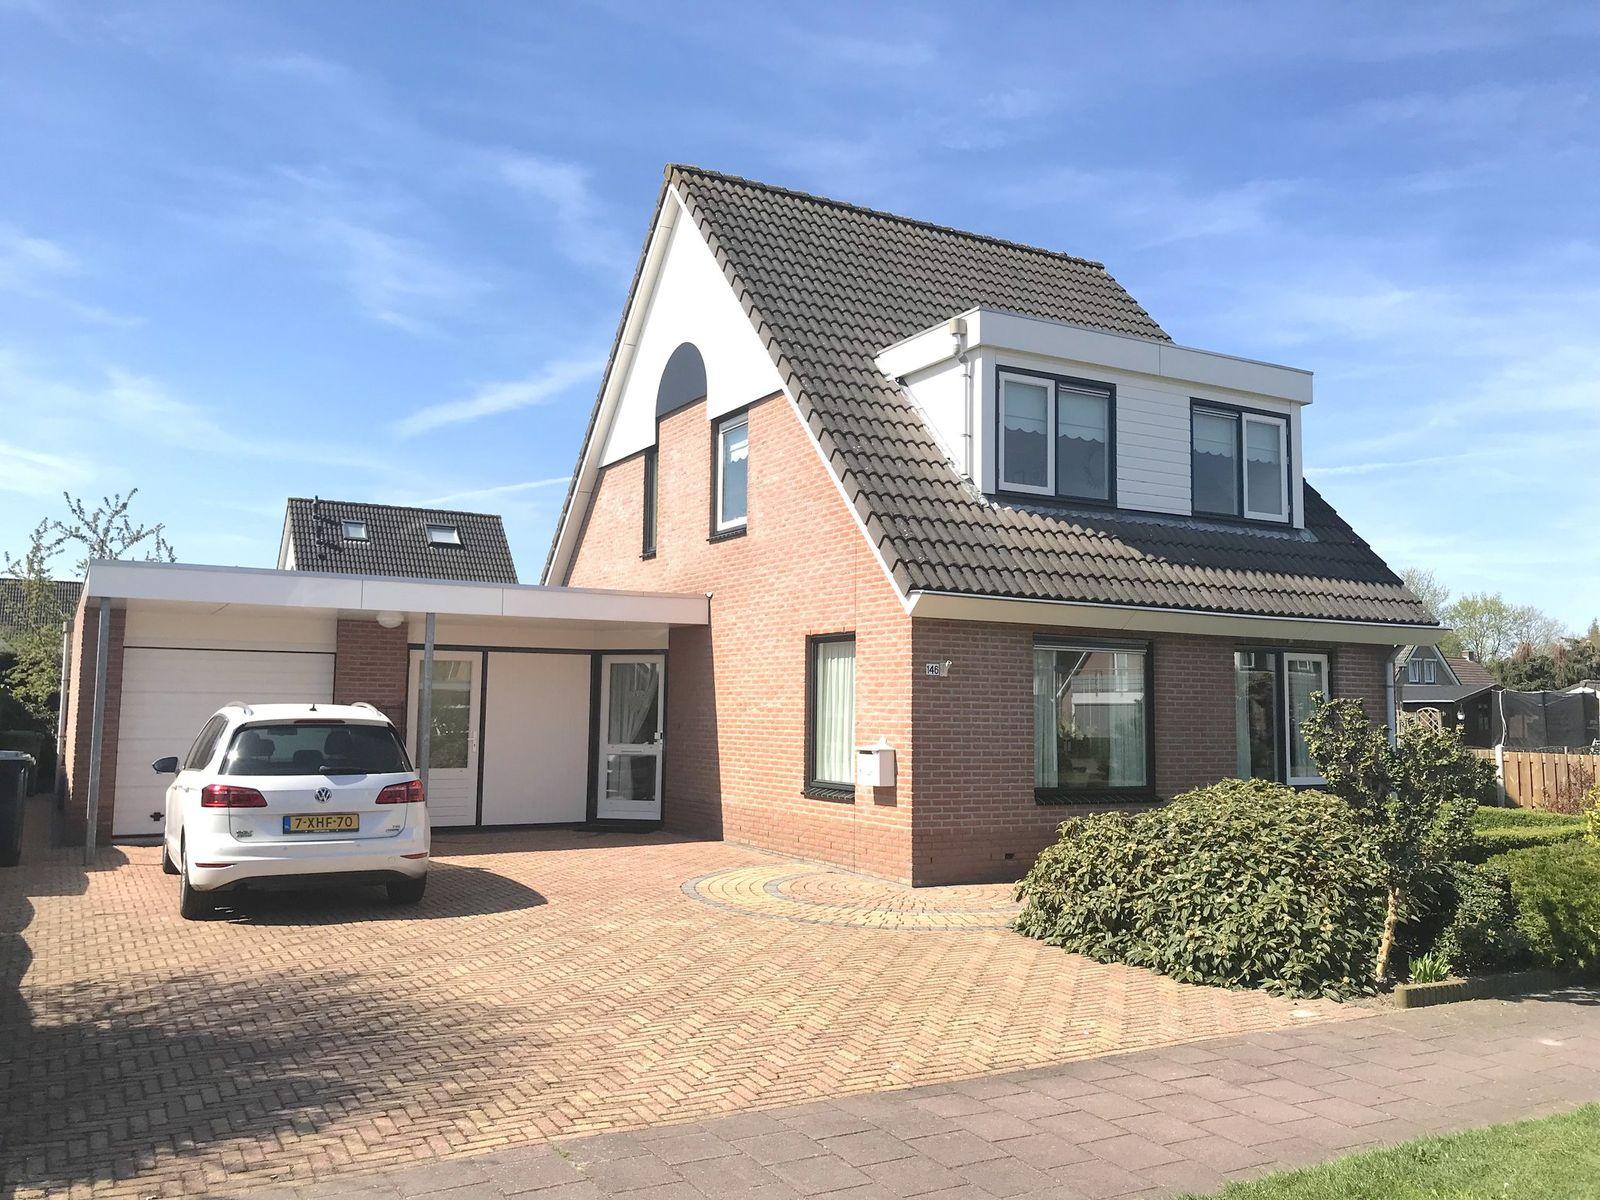 Sportlaan 146, Nieuw-amsterdam